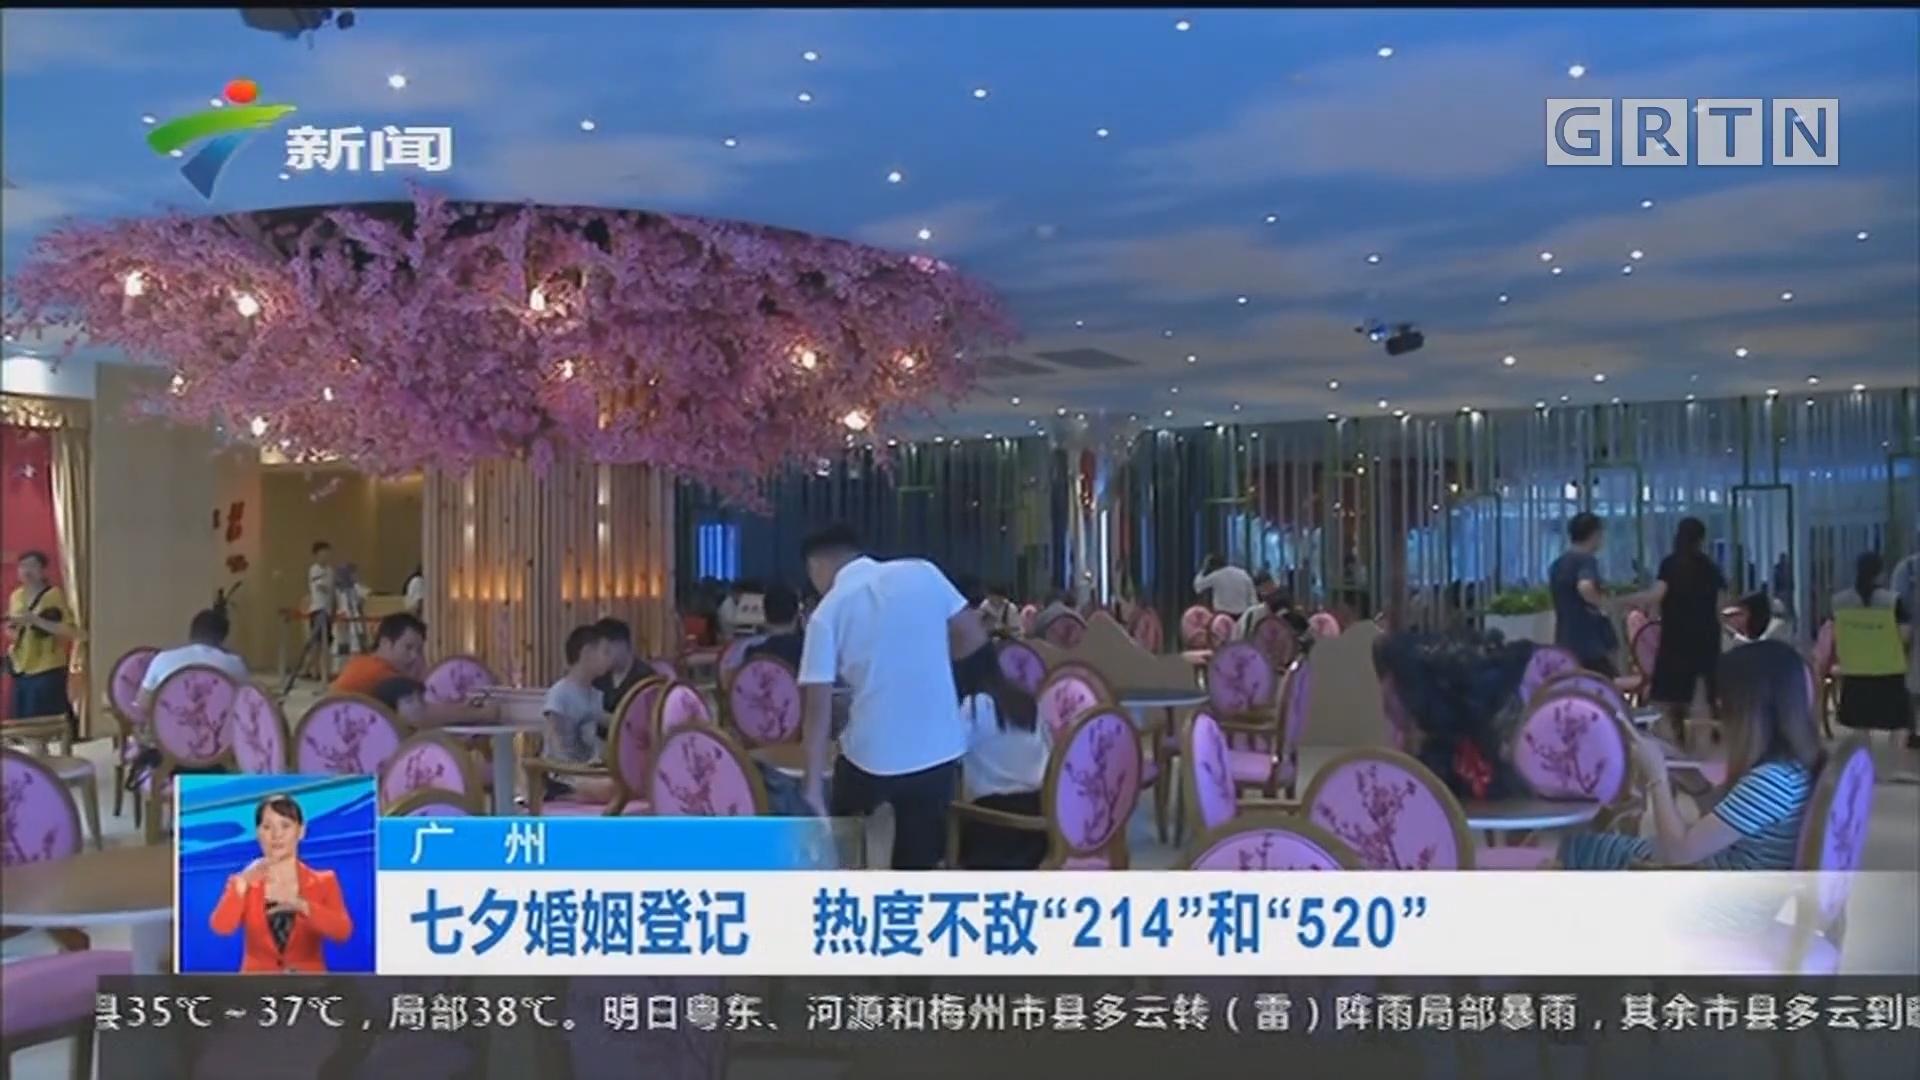 """广州:七夕婚姻登记 热度不敌""""214""""和""""520"""""""